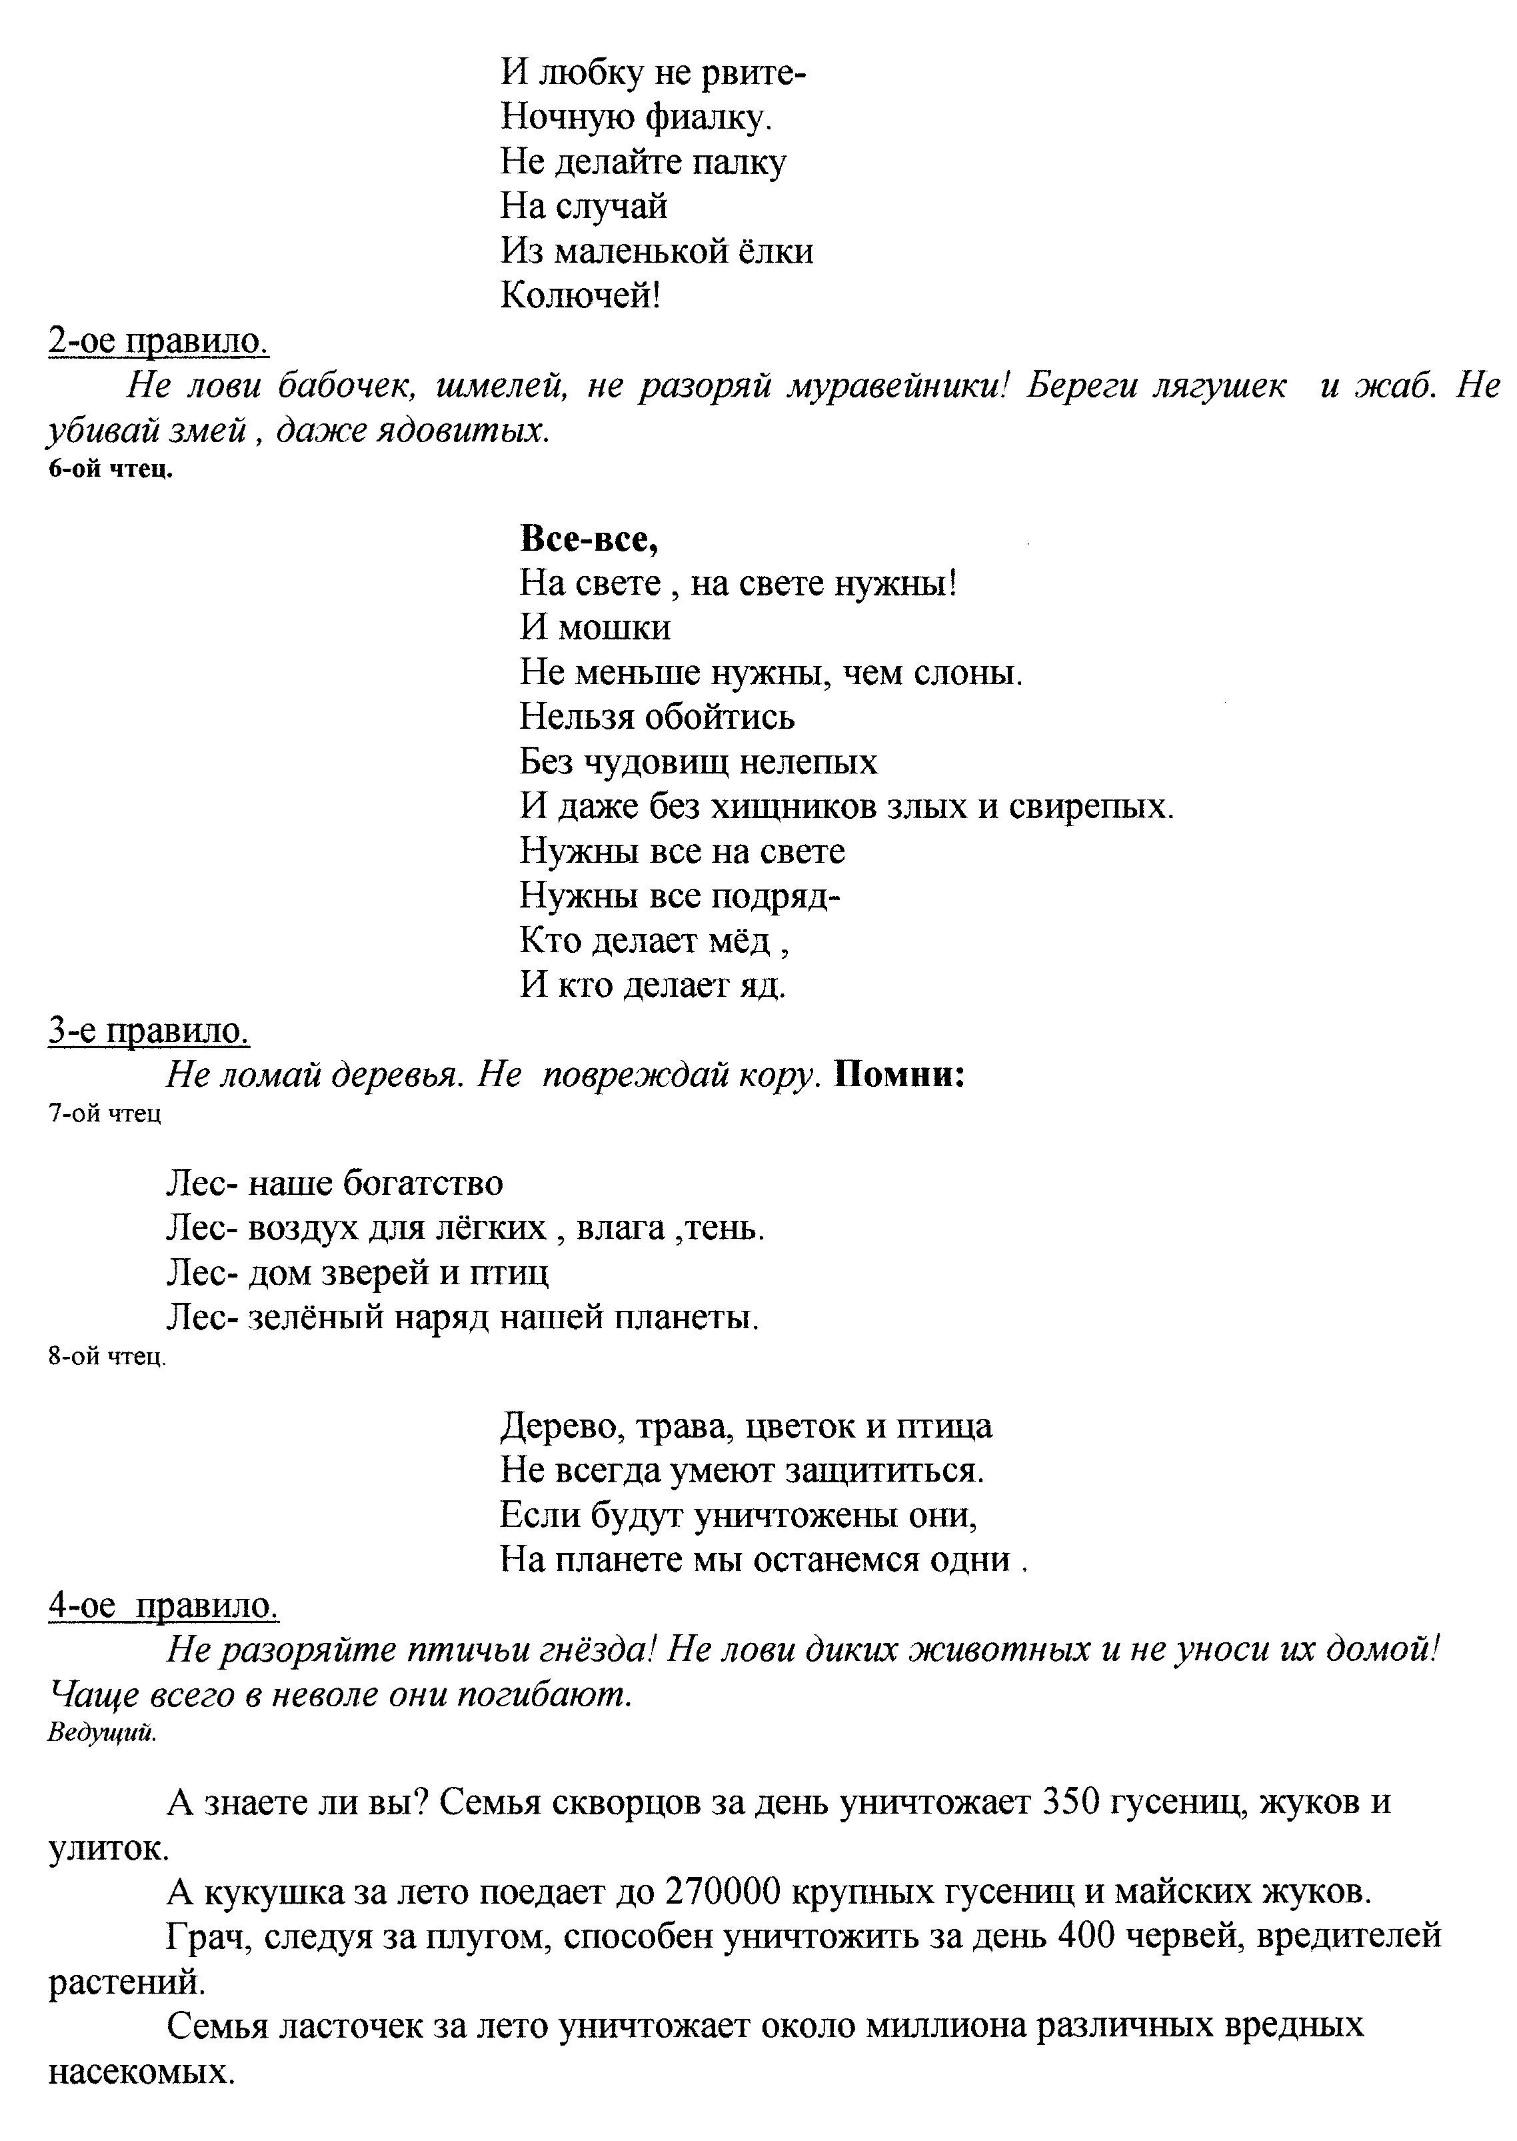 C:\Users\ЛАРИСА\Documents\Scanned Documents\Рисунок (157).jpg